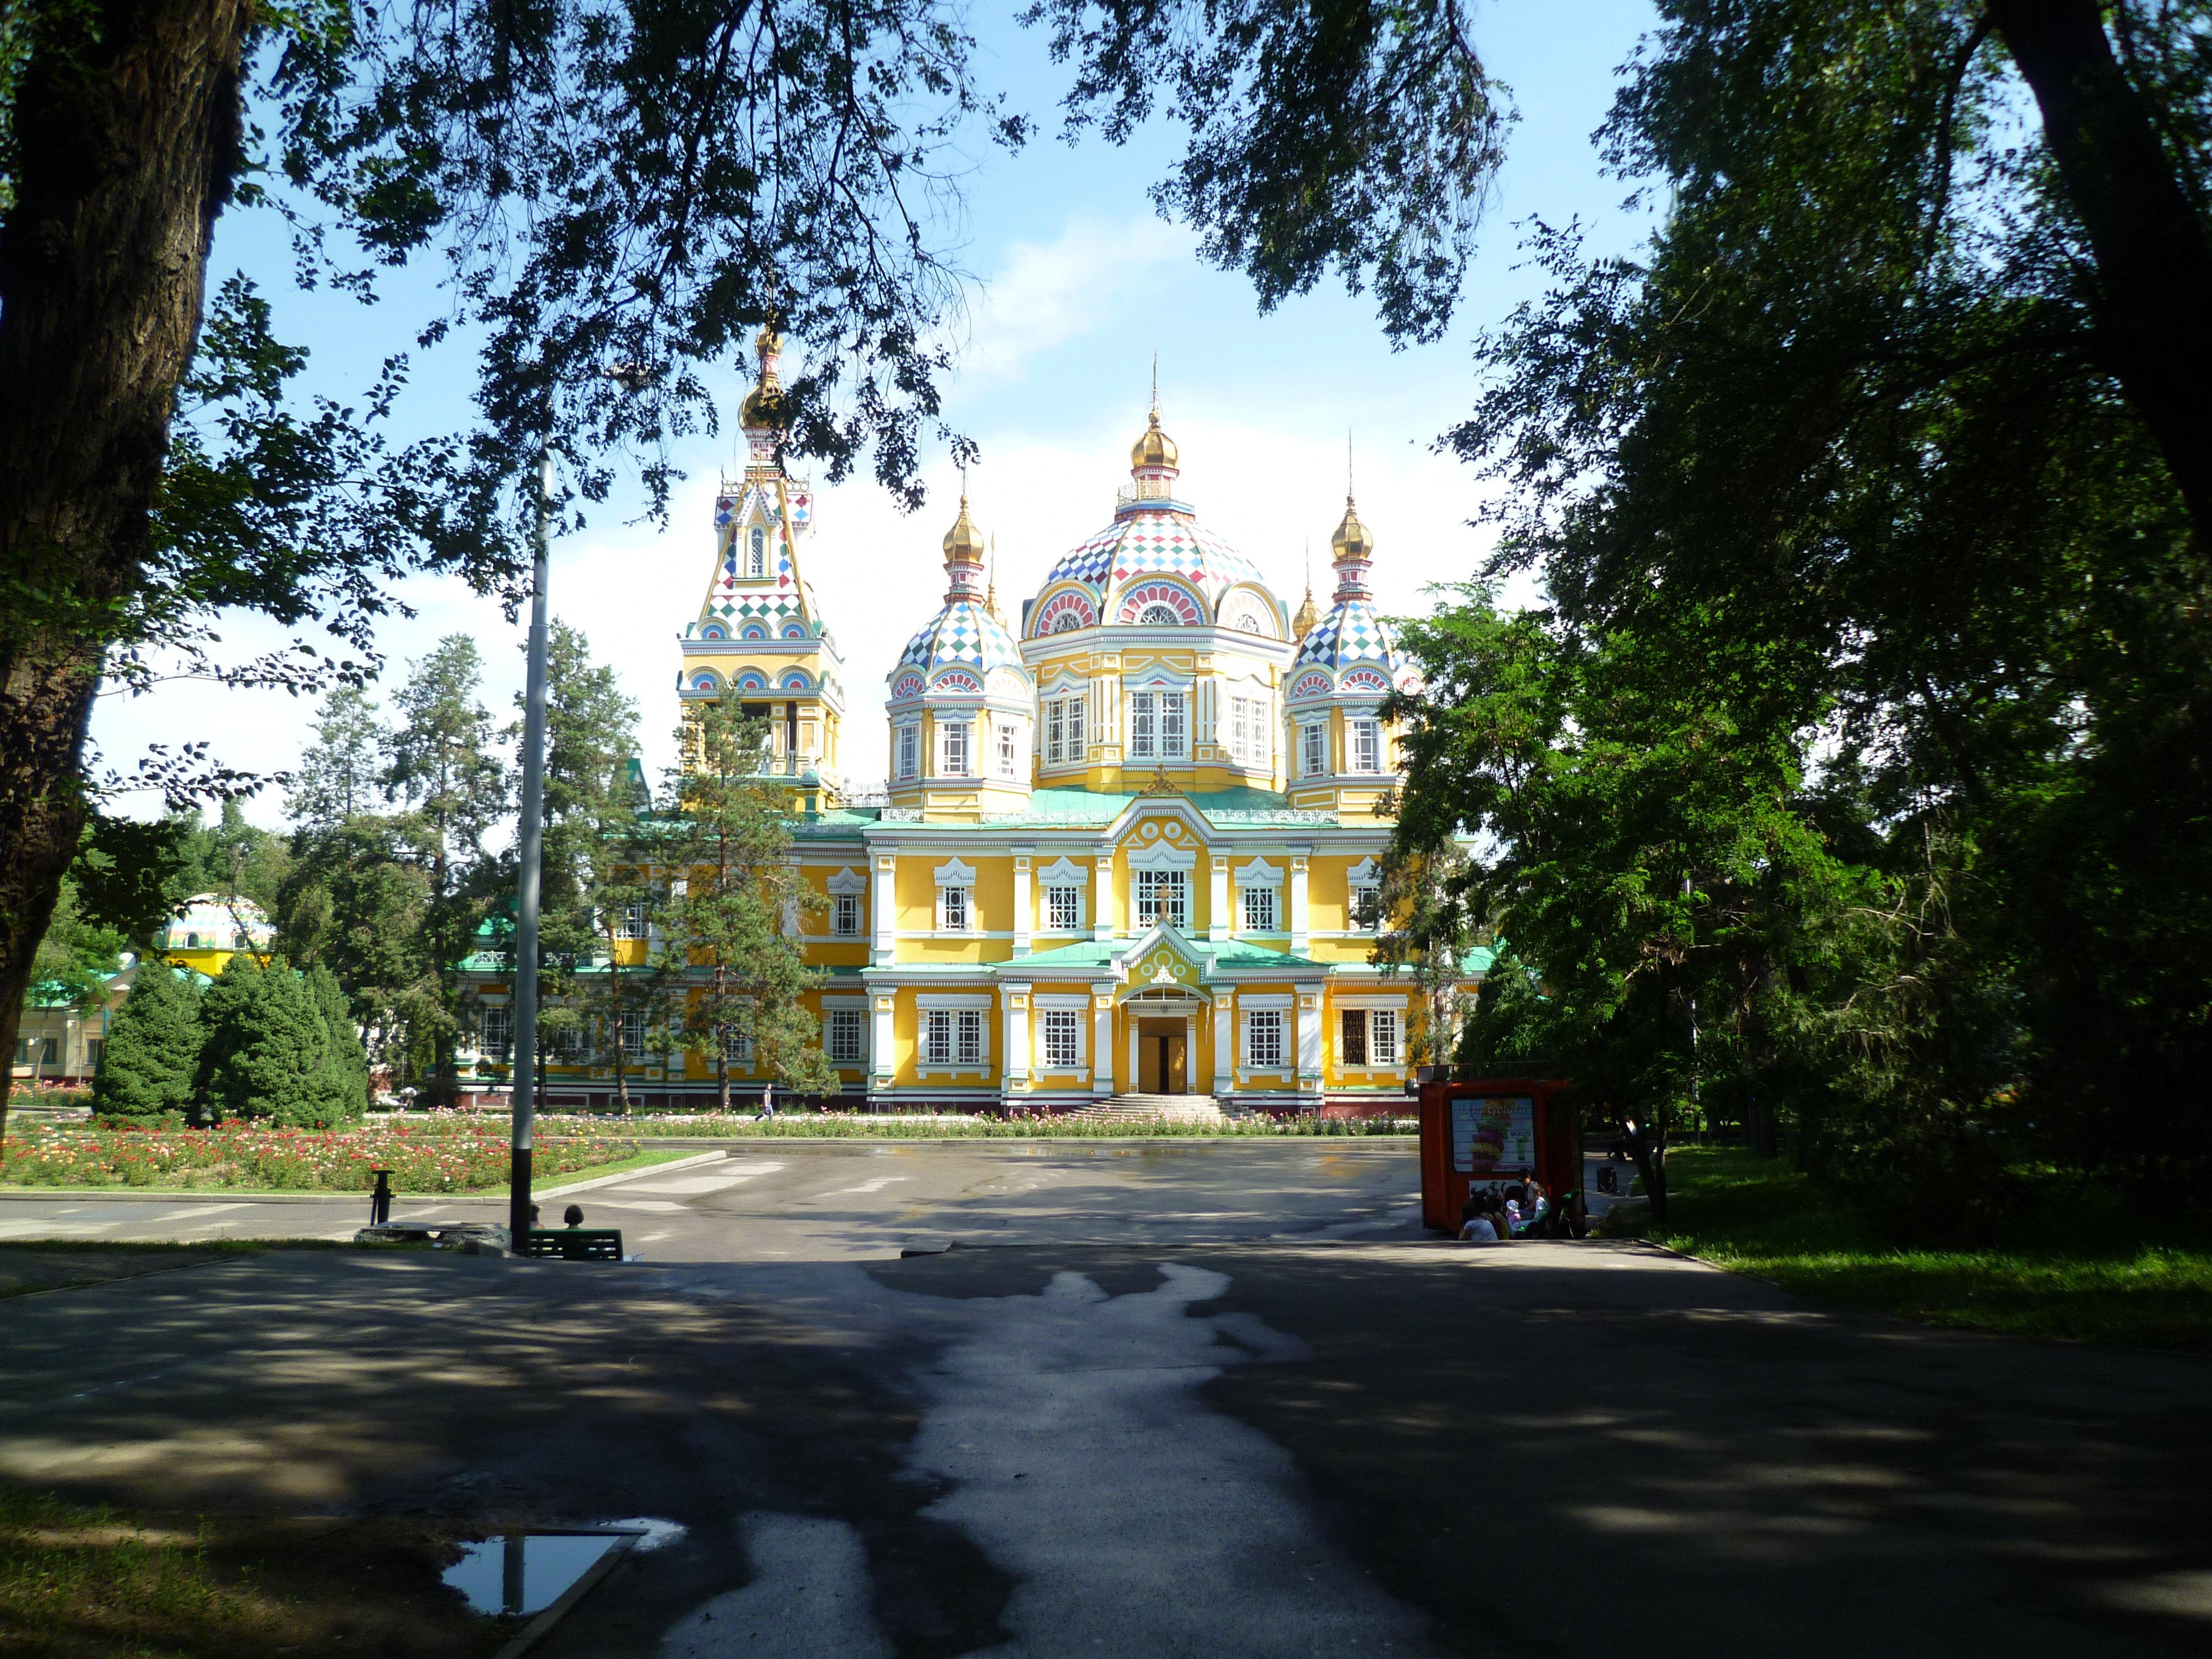 Свято-Вознесенский кафедральный собор. В советский период там был музей. В нем работал Ю. Домбровский